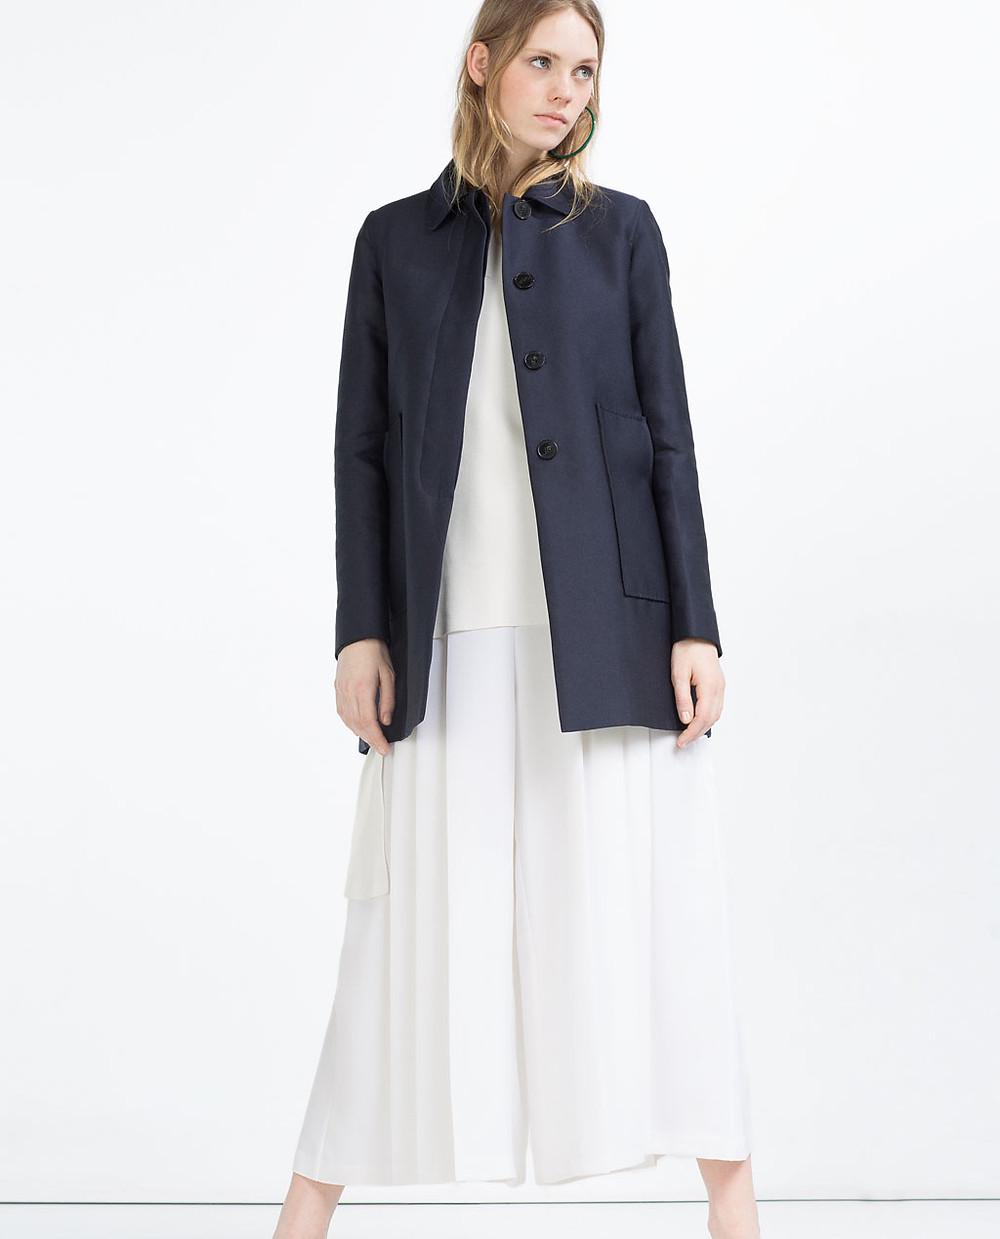 Zara Coat with Peter Pan Collar now $39.99